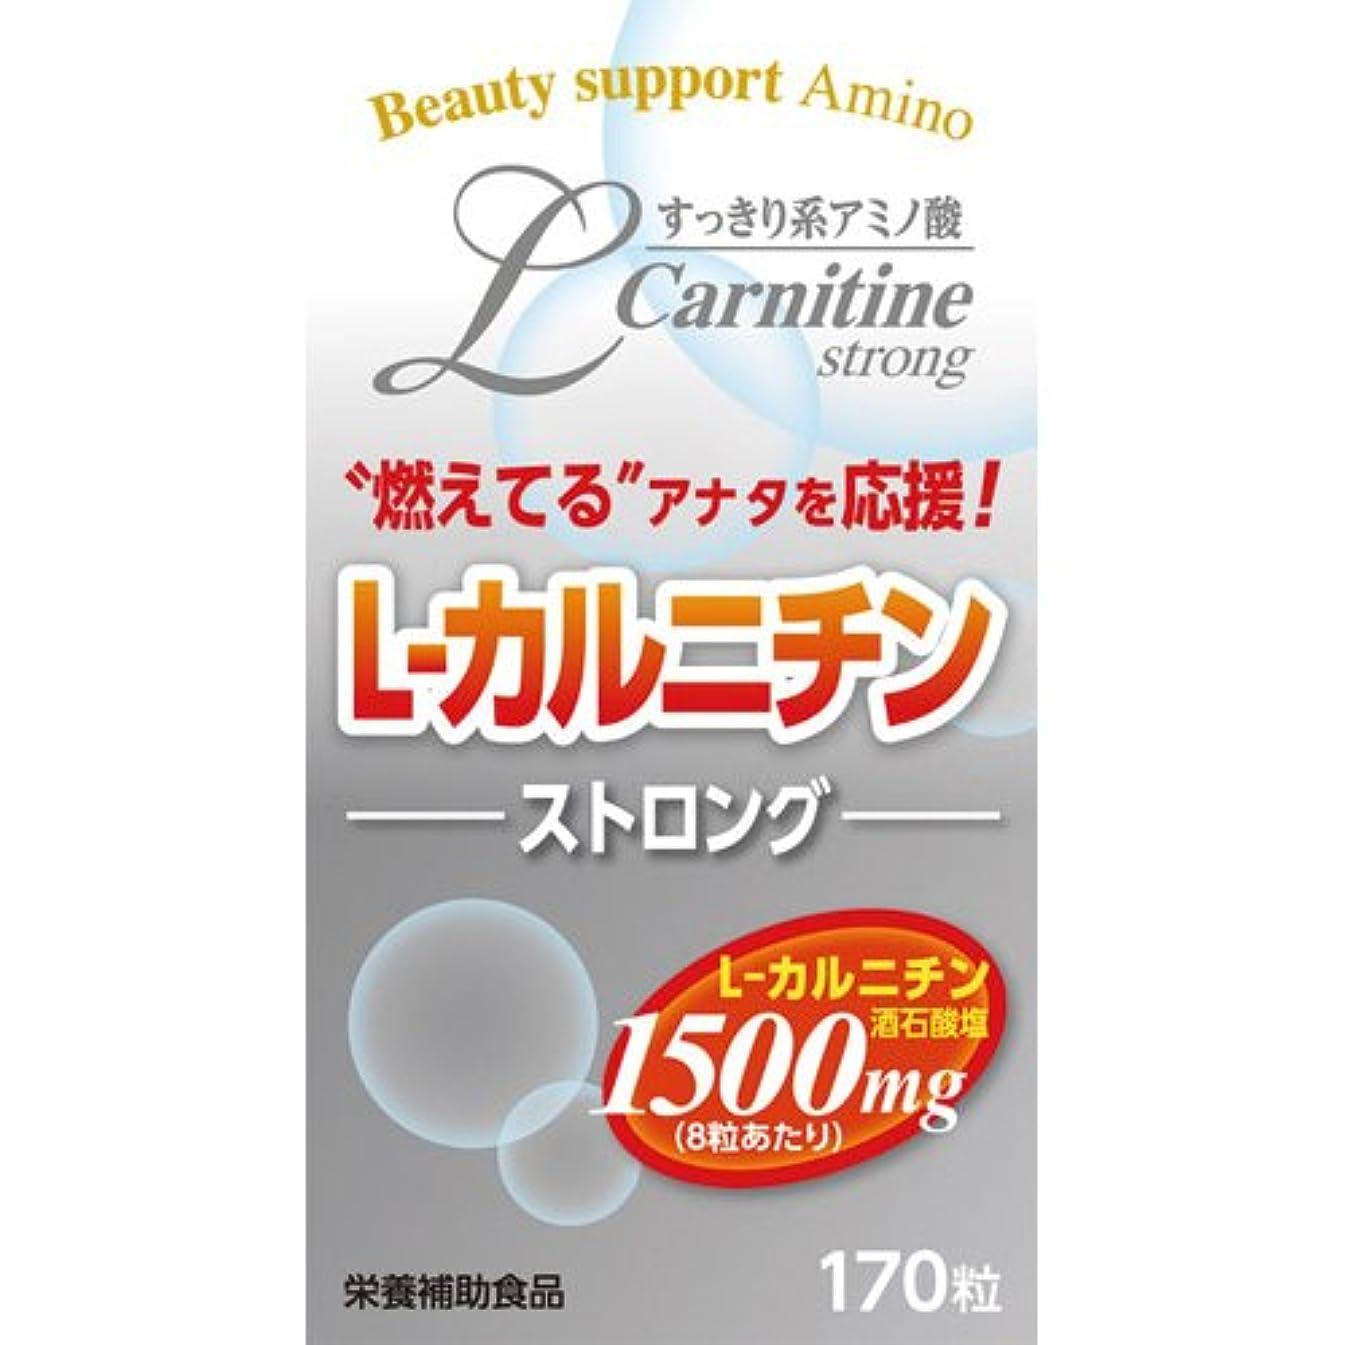 極めて重要なコンサルタント表面的なL-カルニチン ストロング 170粒